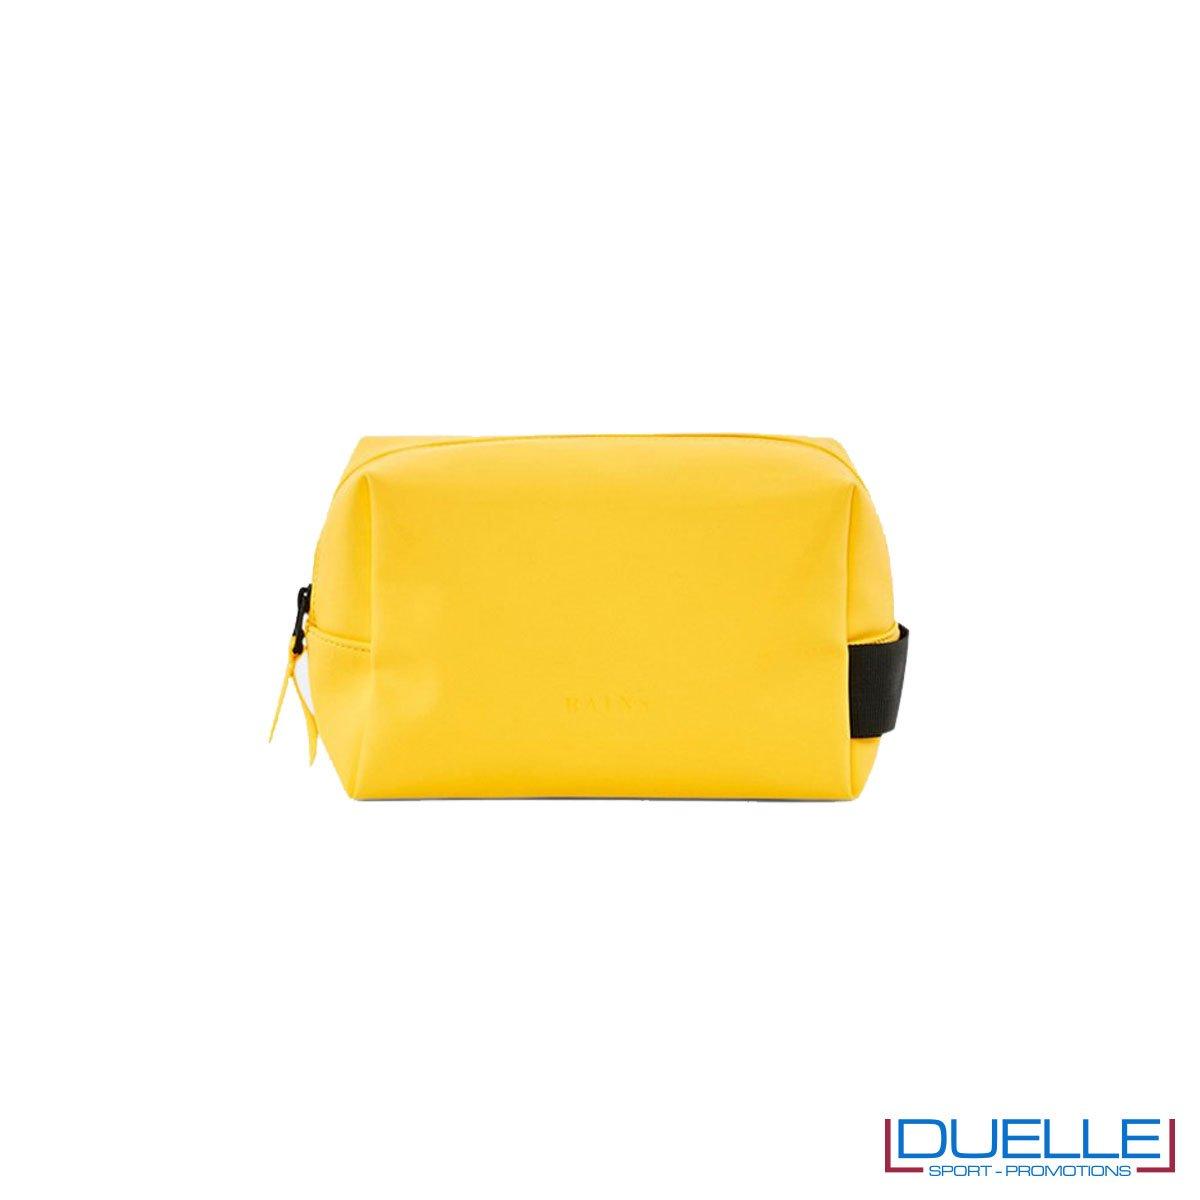 Beauty case personalizzato impermeabile giallo